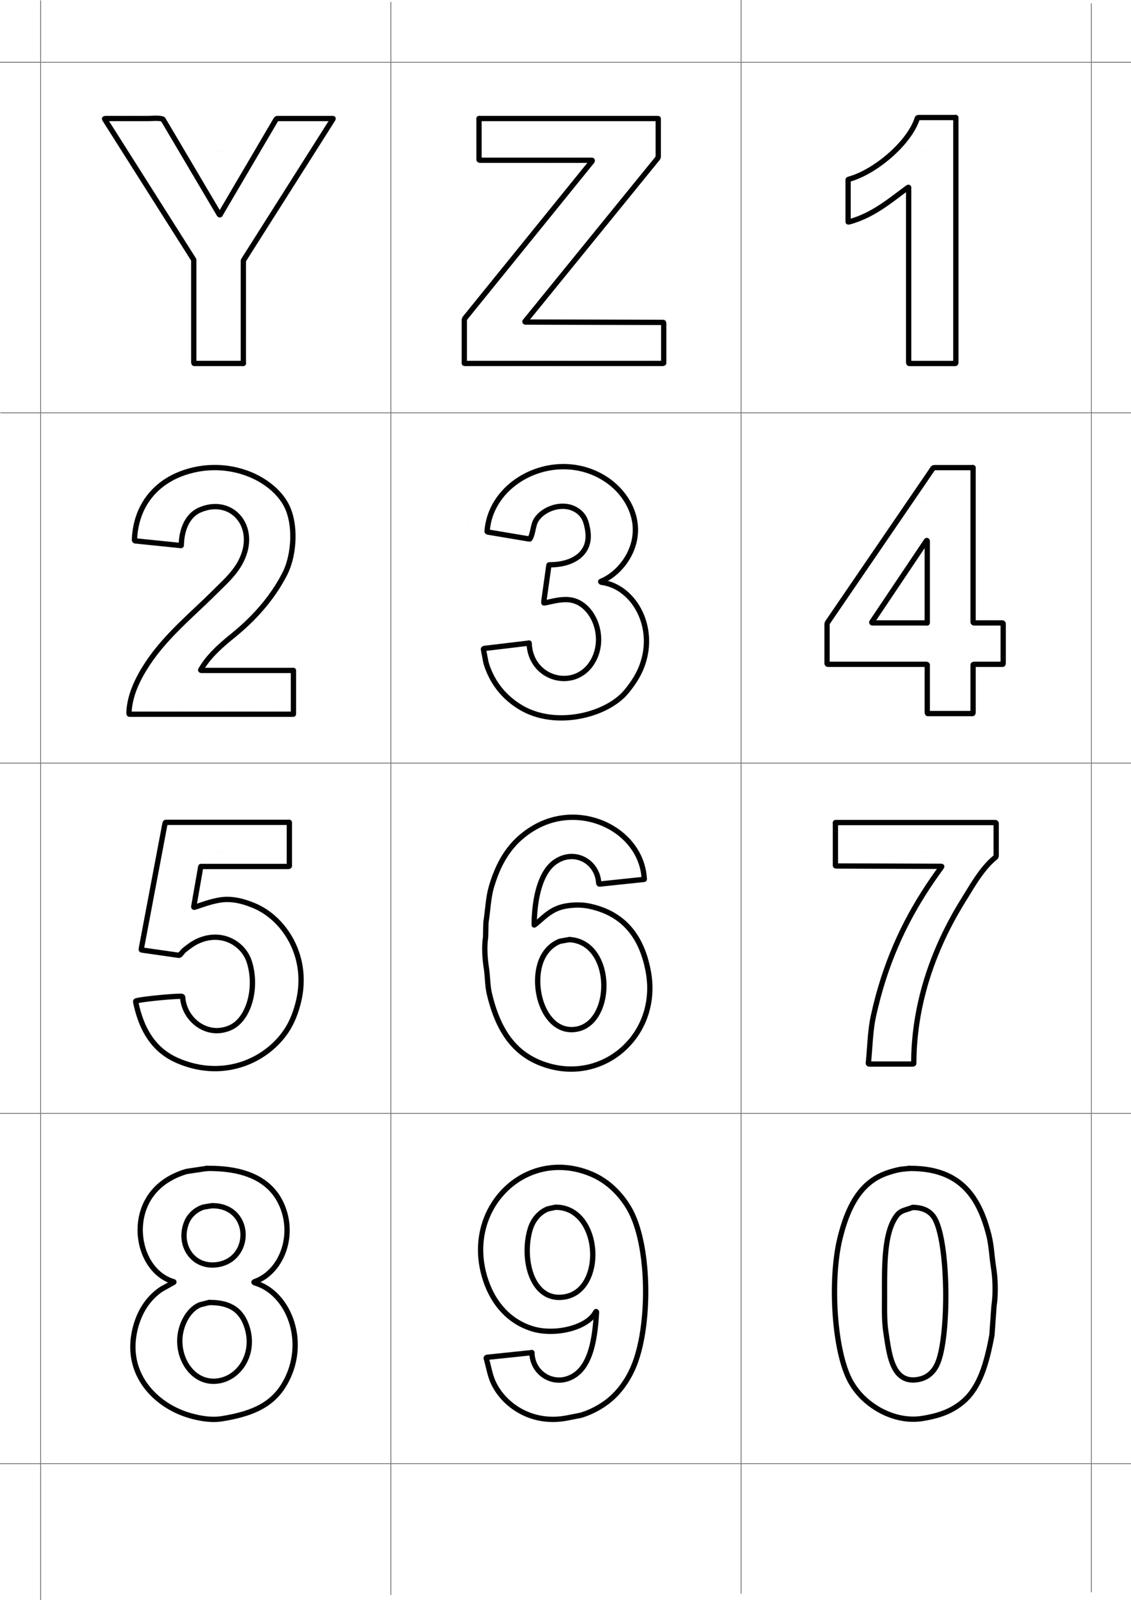 Lettere e numeri lettere stampatello dalla y alla z e numeri dallo 0 al 9 - Numeri per tavoli da stampare ...